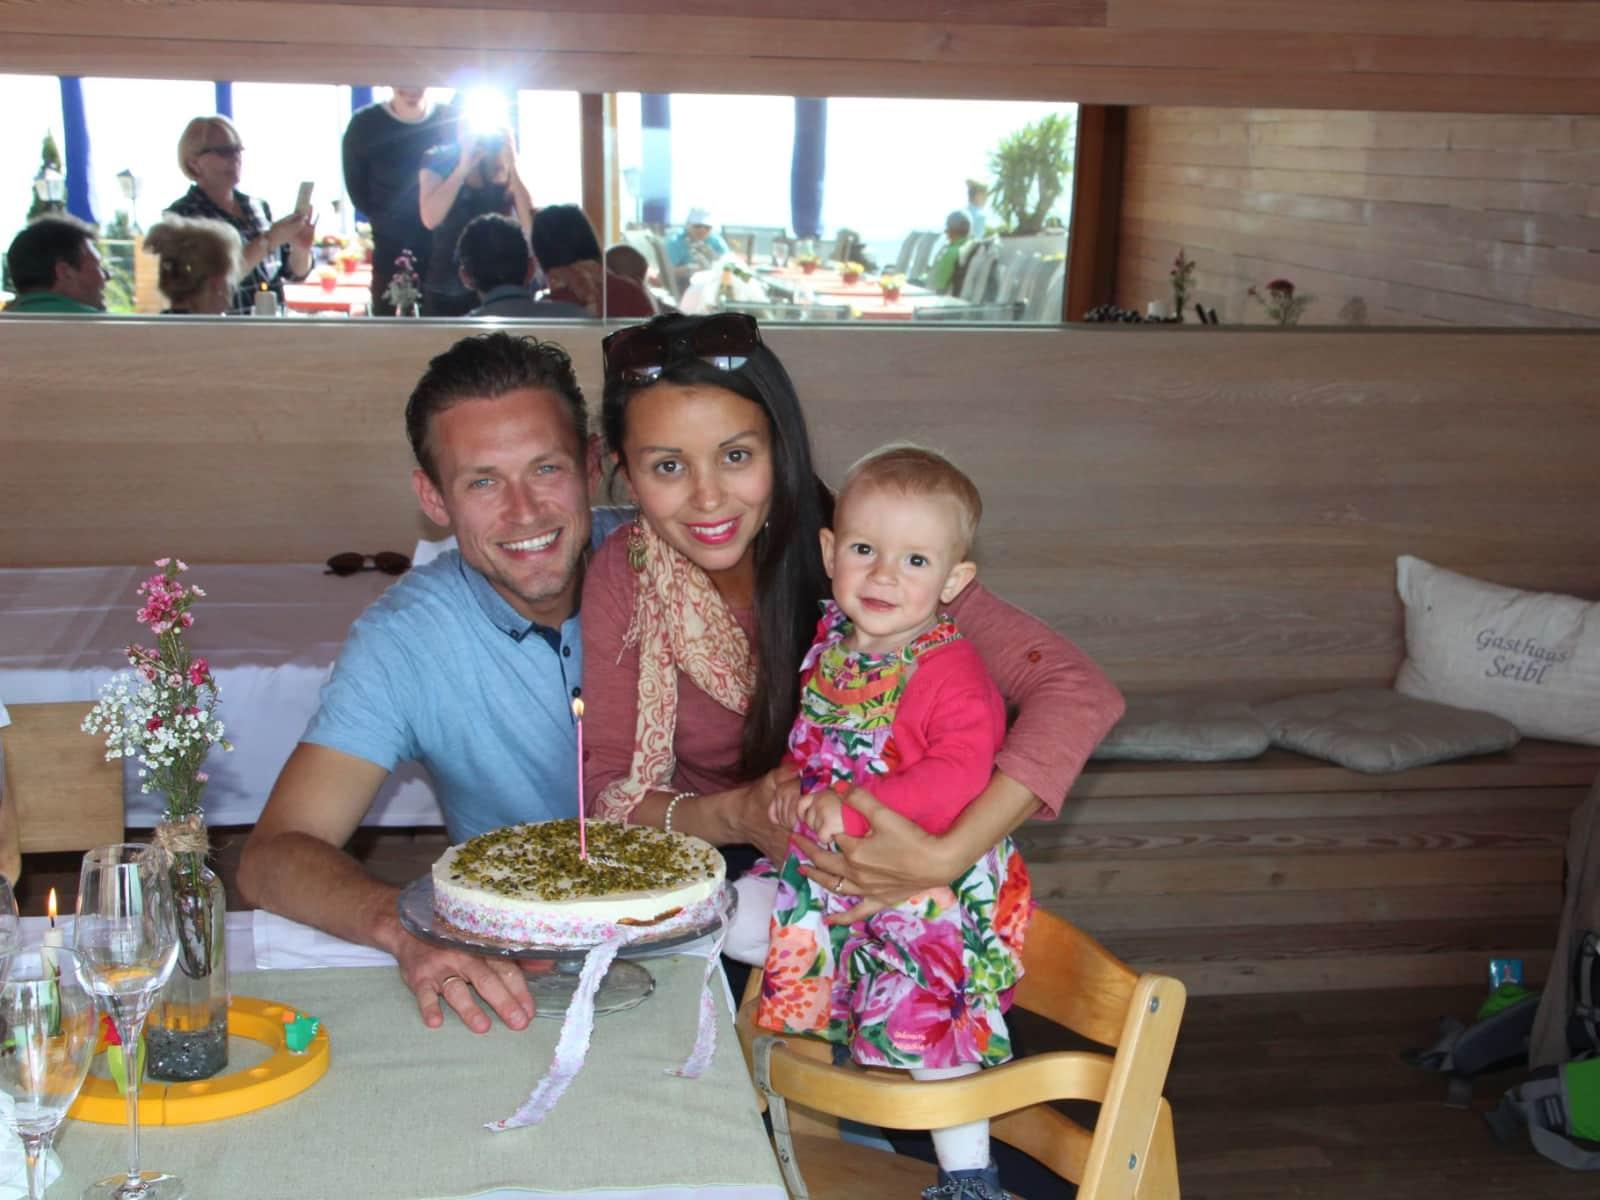 Tomasz & Sara from Bregenz, Austria